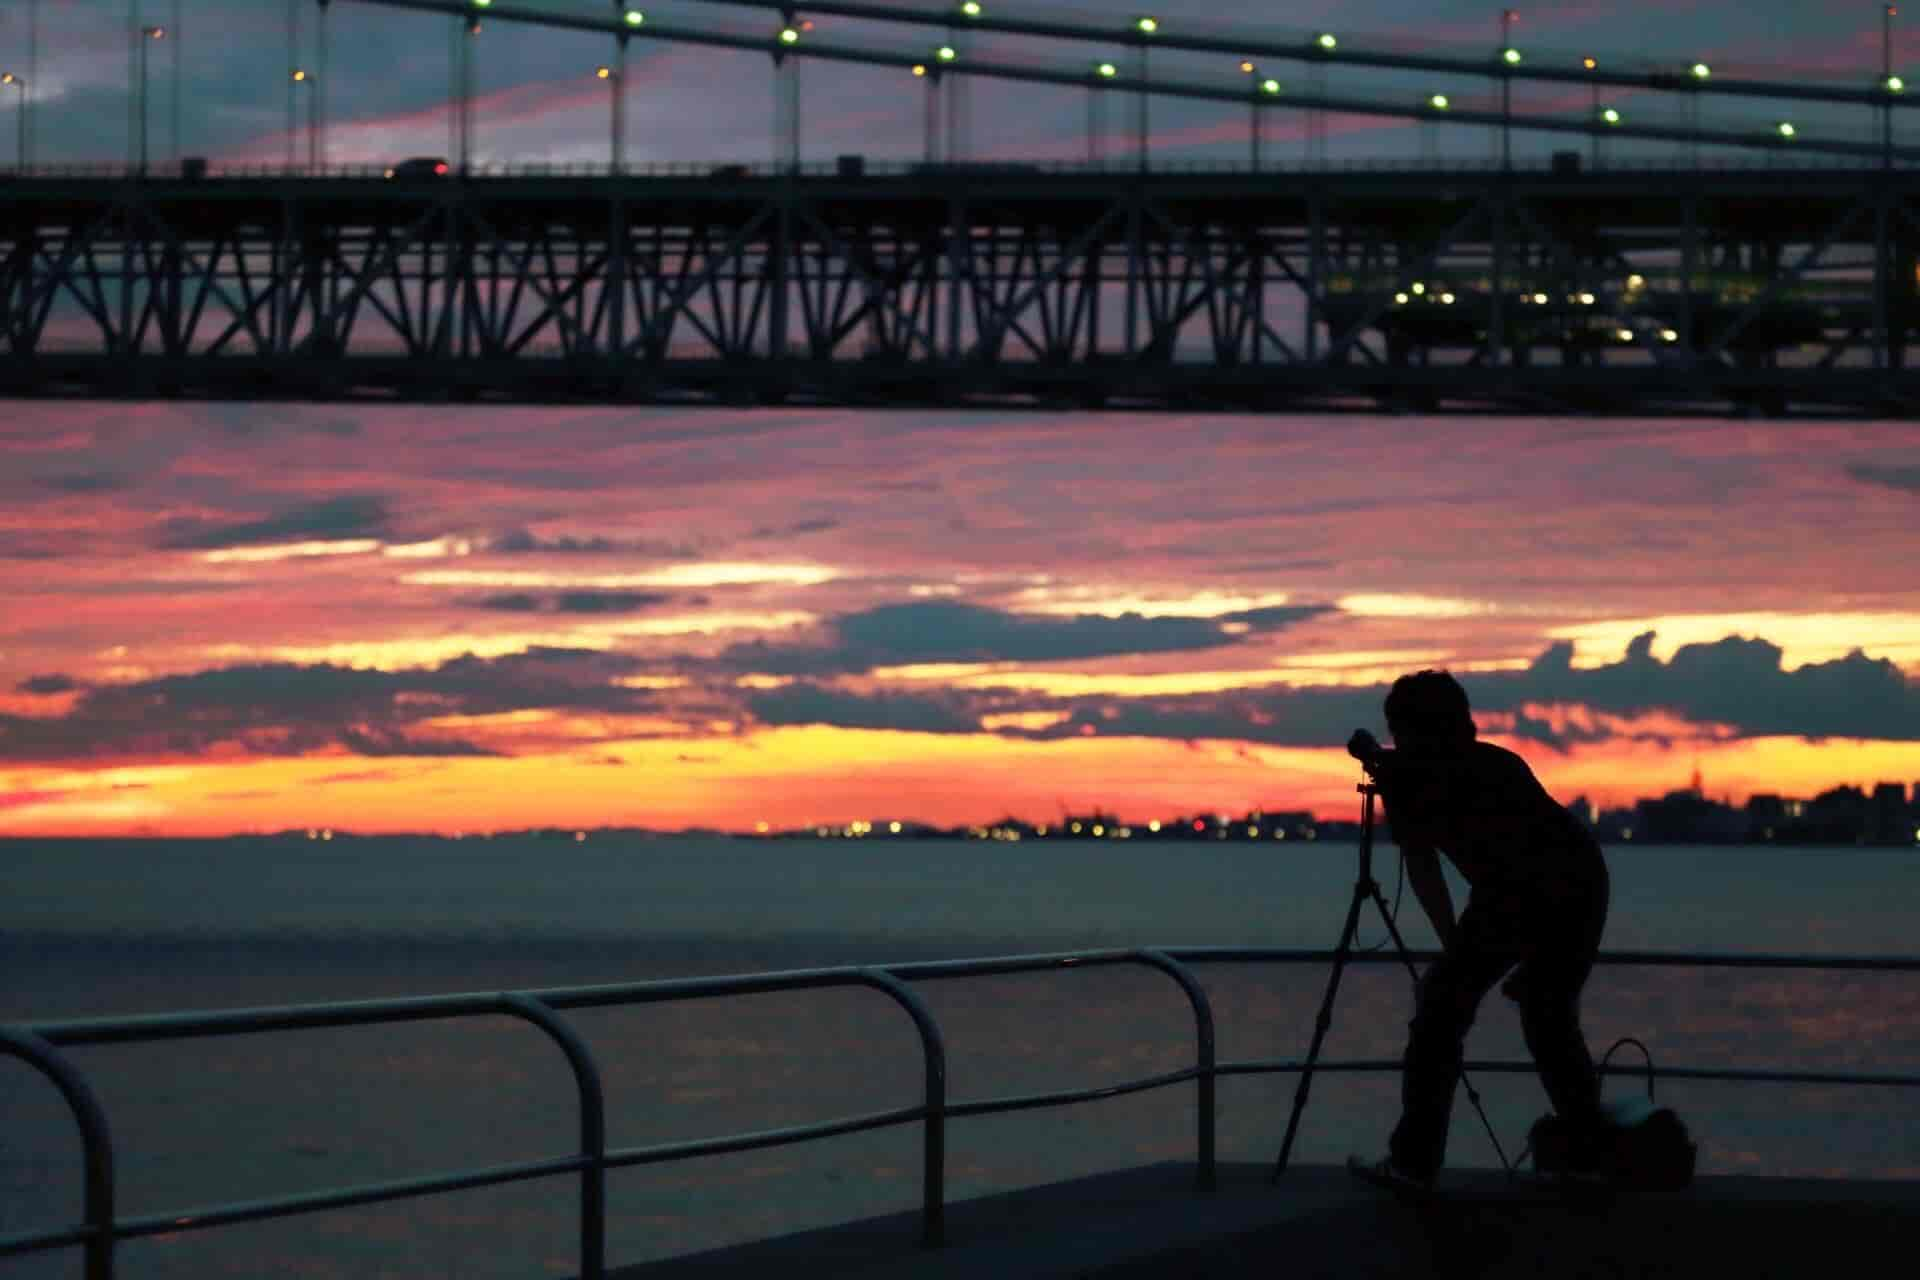 ラブ探偵事務所と他社の千葉県匝瑳市での夜間暗視撮影